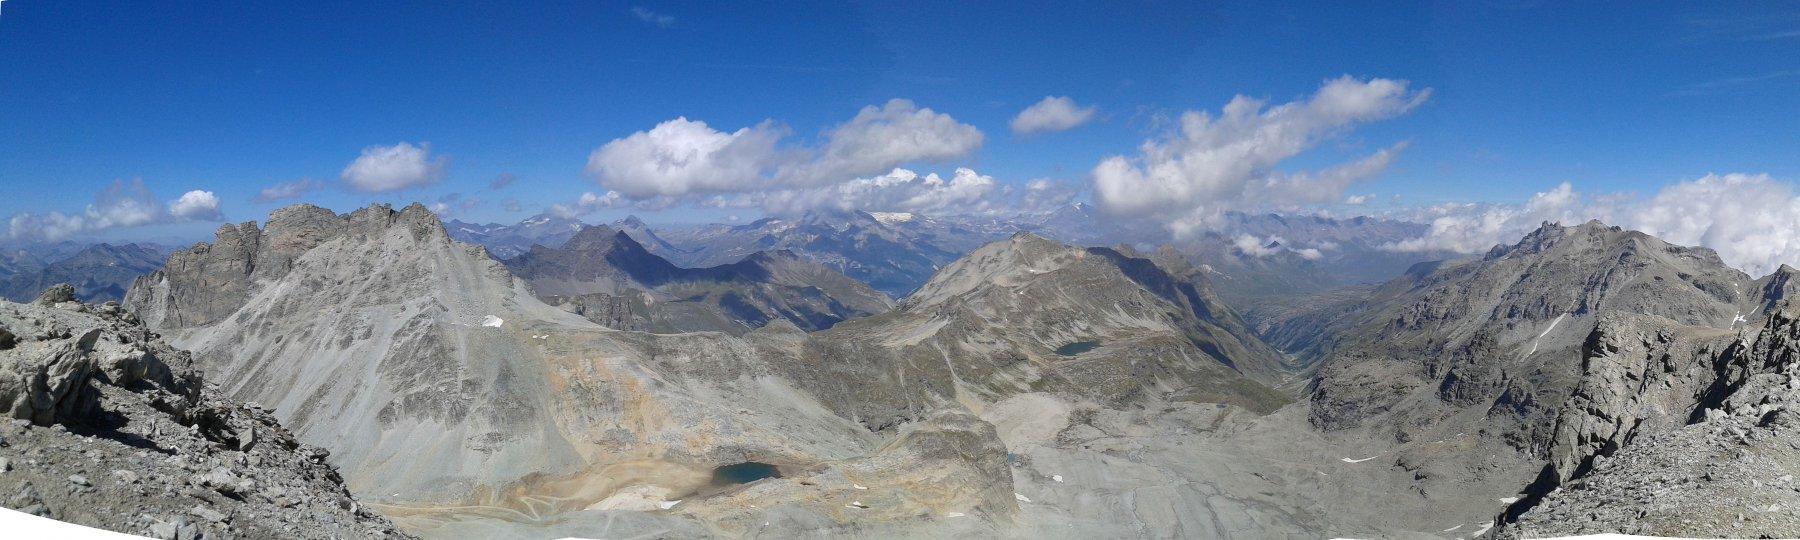 Il ghiacciaio moribondo dalla vetta